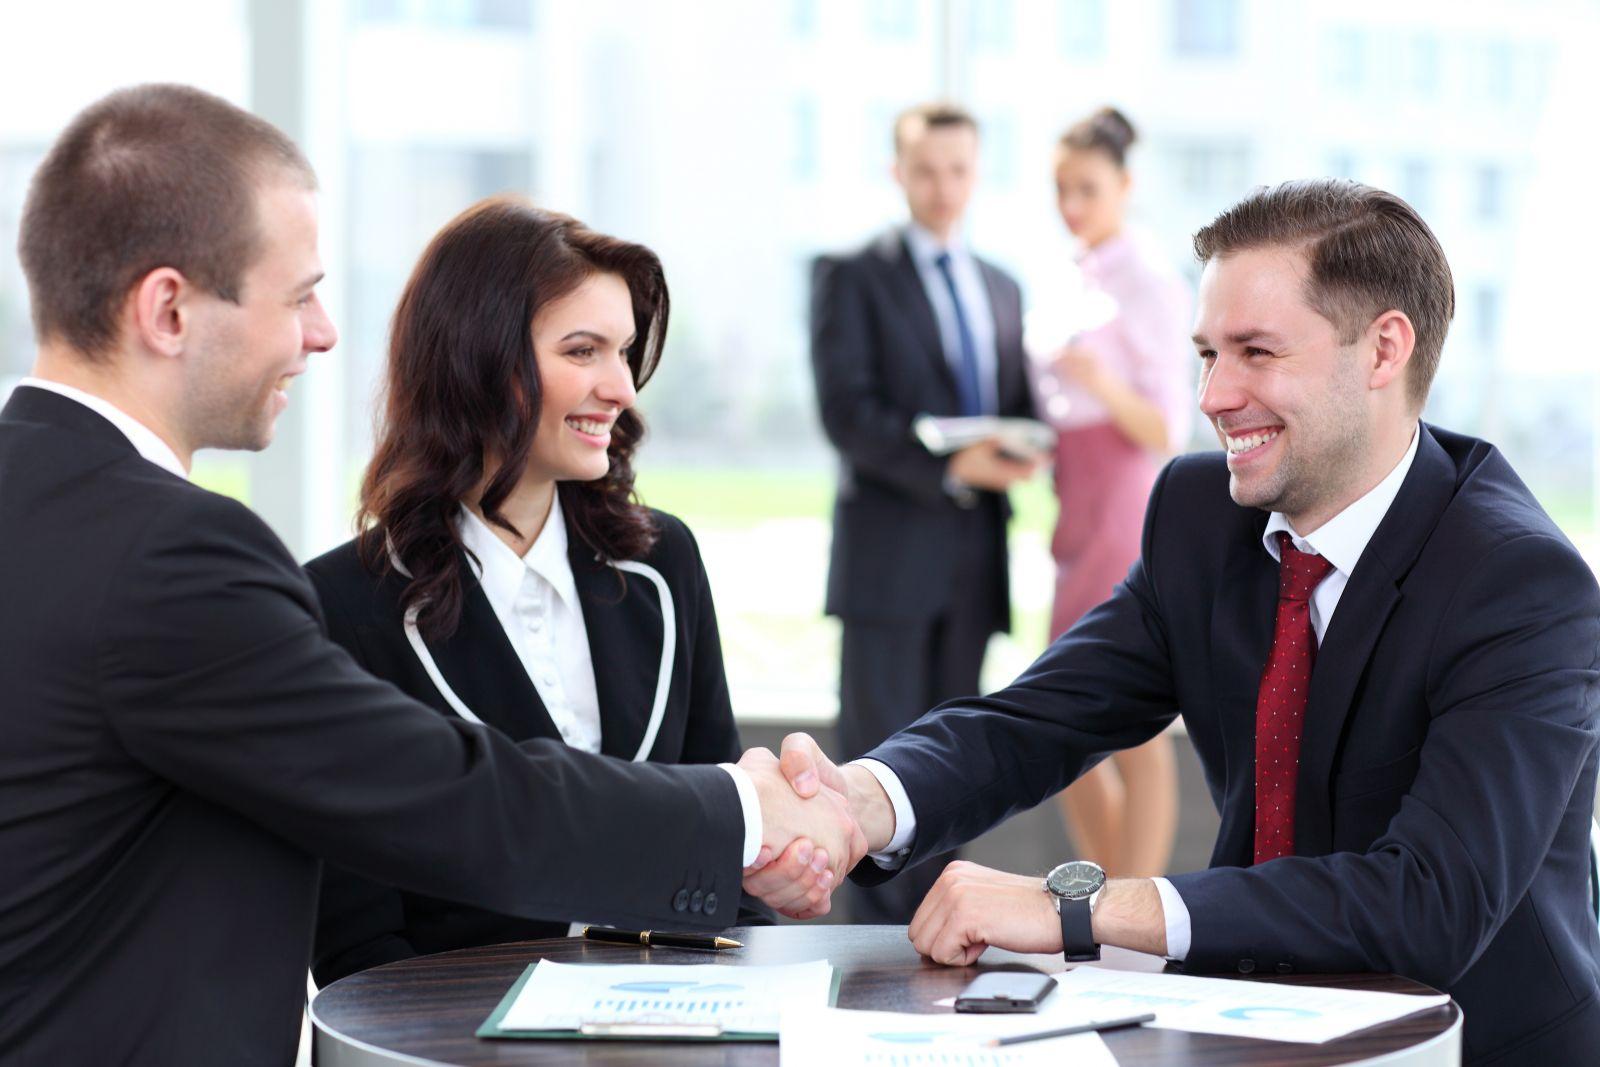 Bí quyết tuyển dụng nhân sự hiệu quả